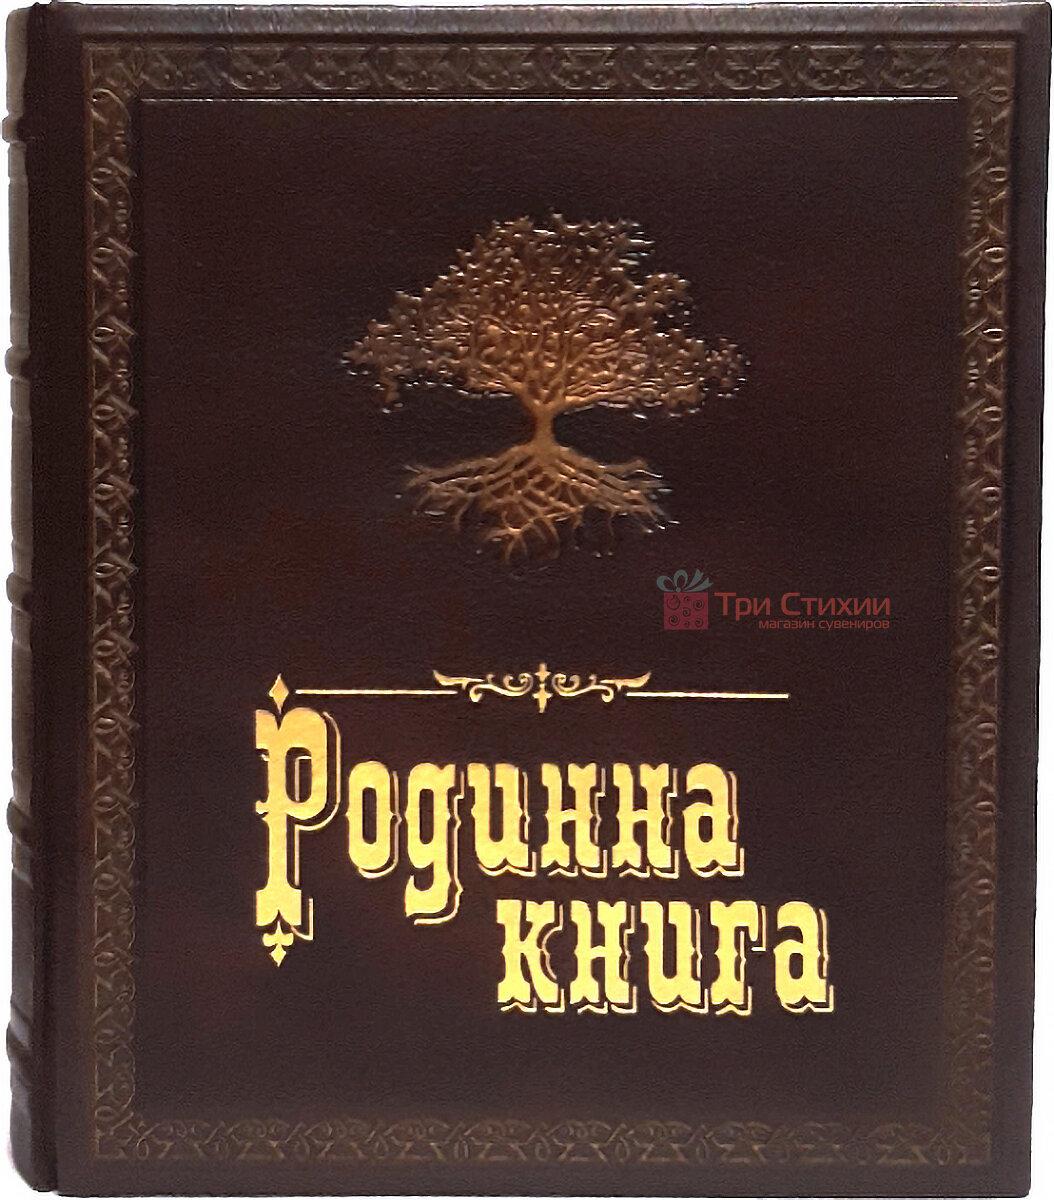 Родословная книга Макей на украинском языке (620-07-08) Коричневая, фото